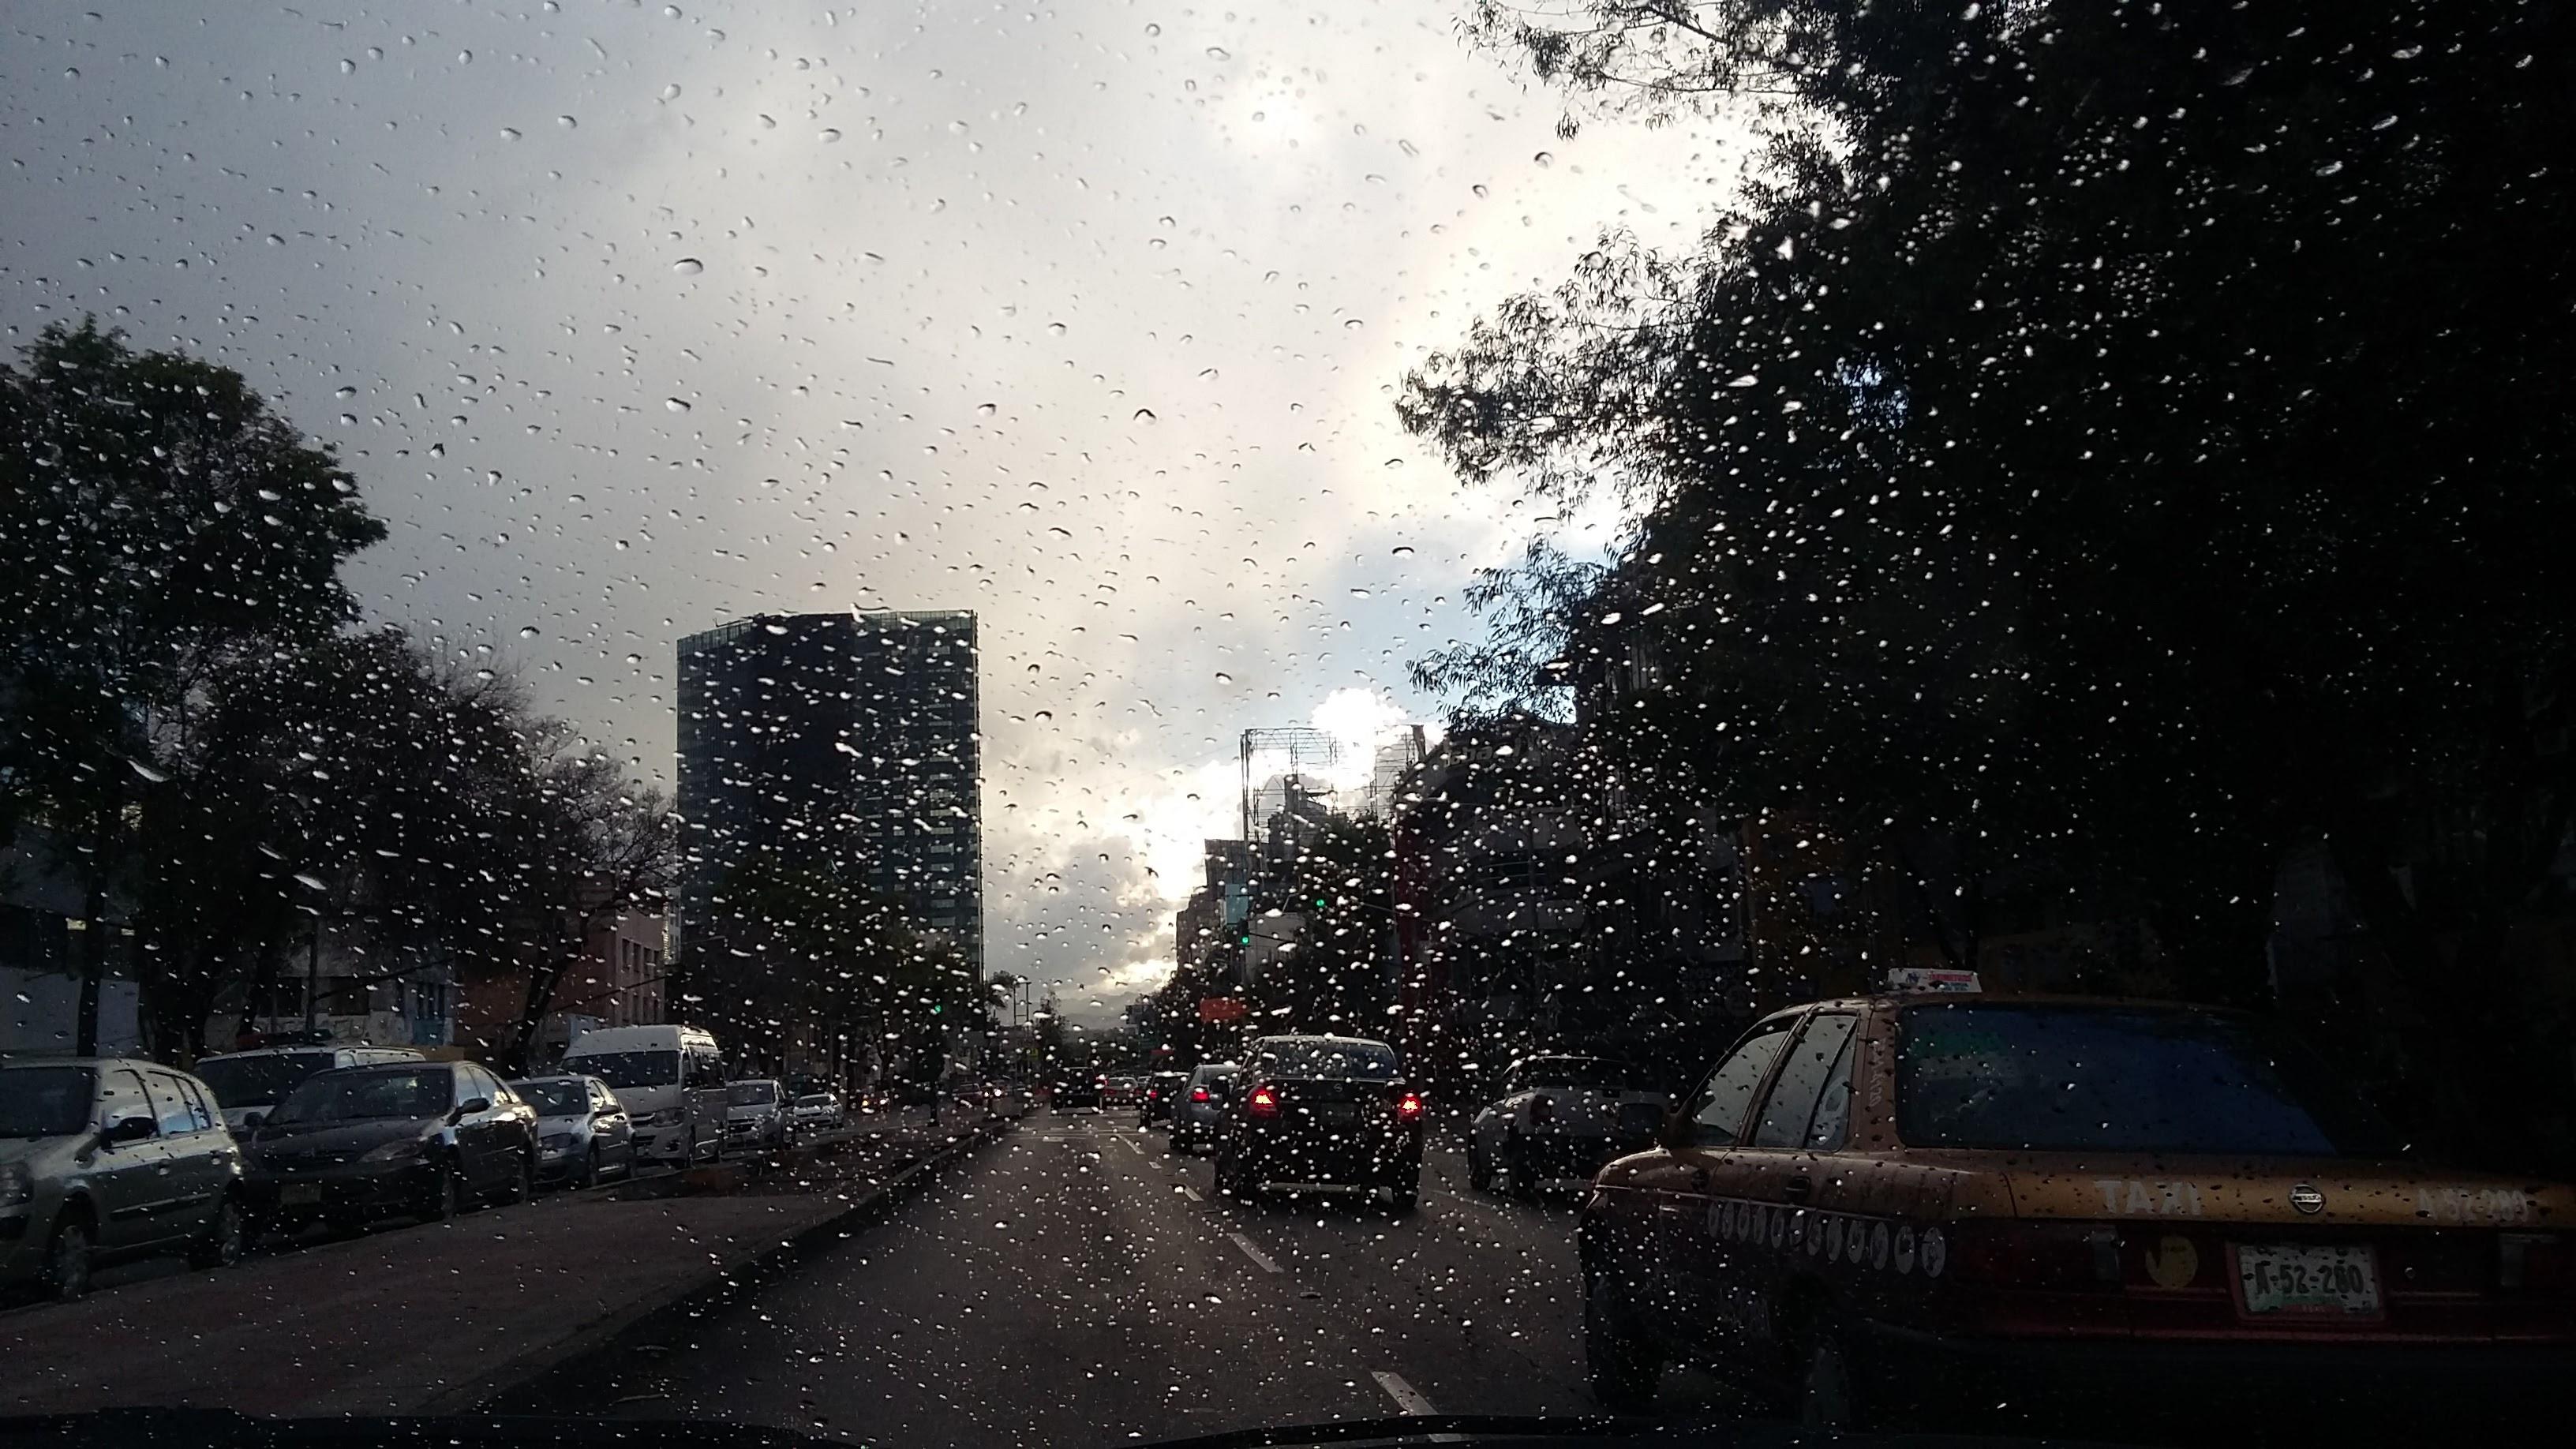 Fotografía de calle de la Ciudad de México a través de parabrisas de un automóvil